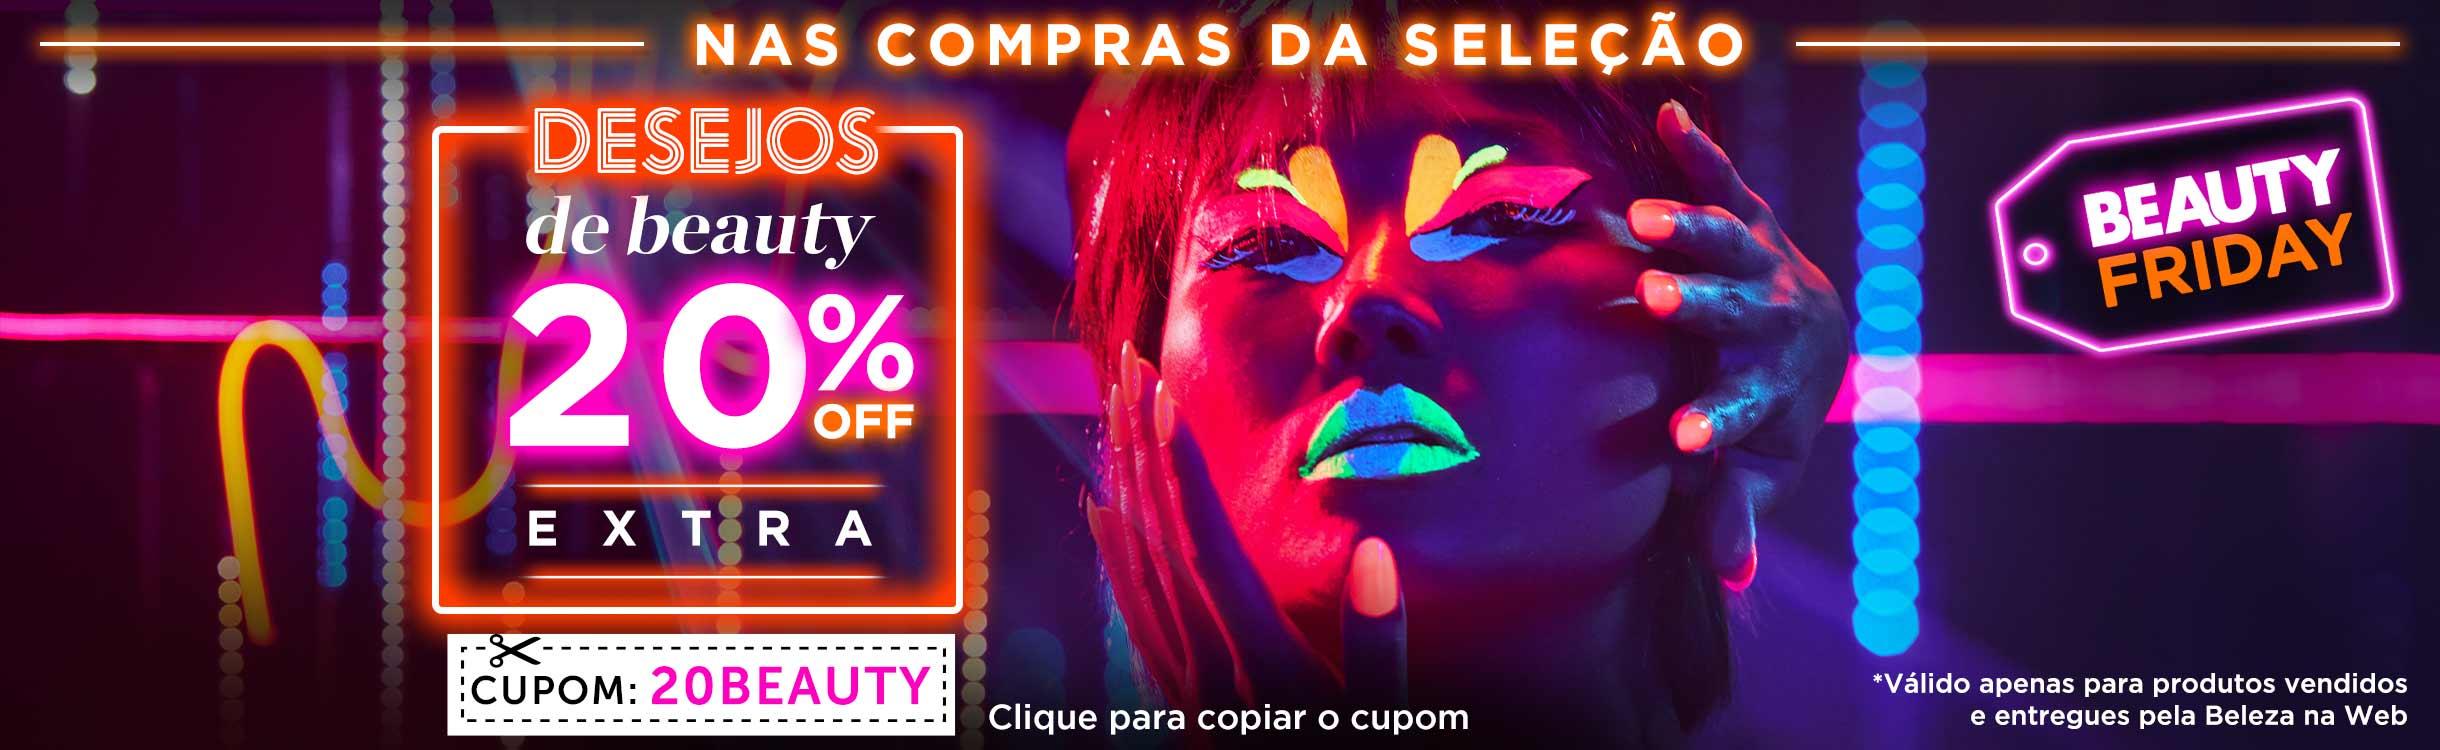 Beauty November | Seus Desejos com 20% de Desconto Extra